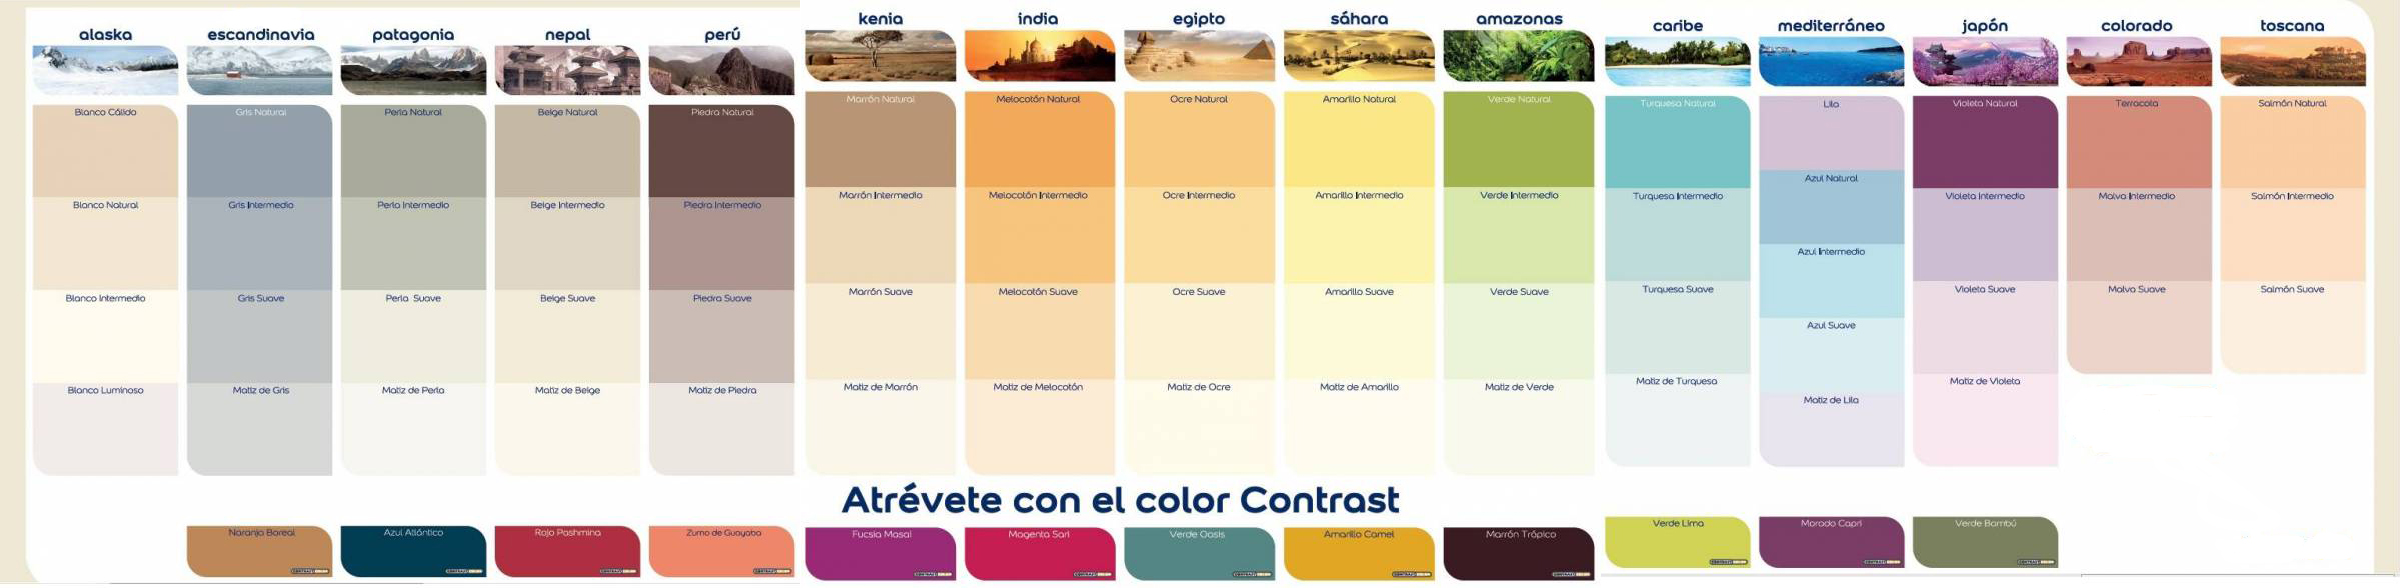 Colores pinturas carta de colores economica tienes un for Pintura color lino